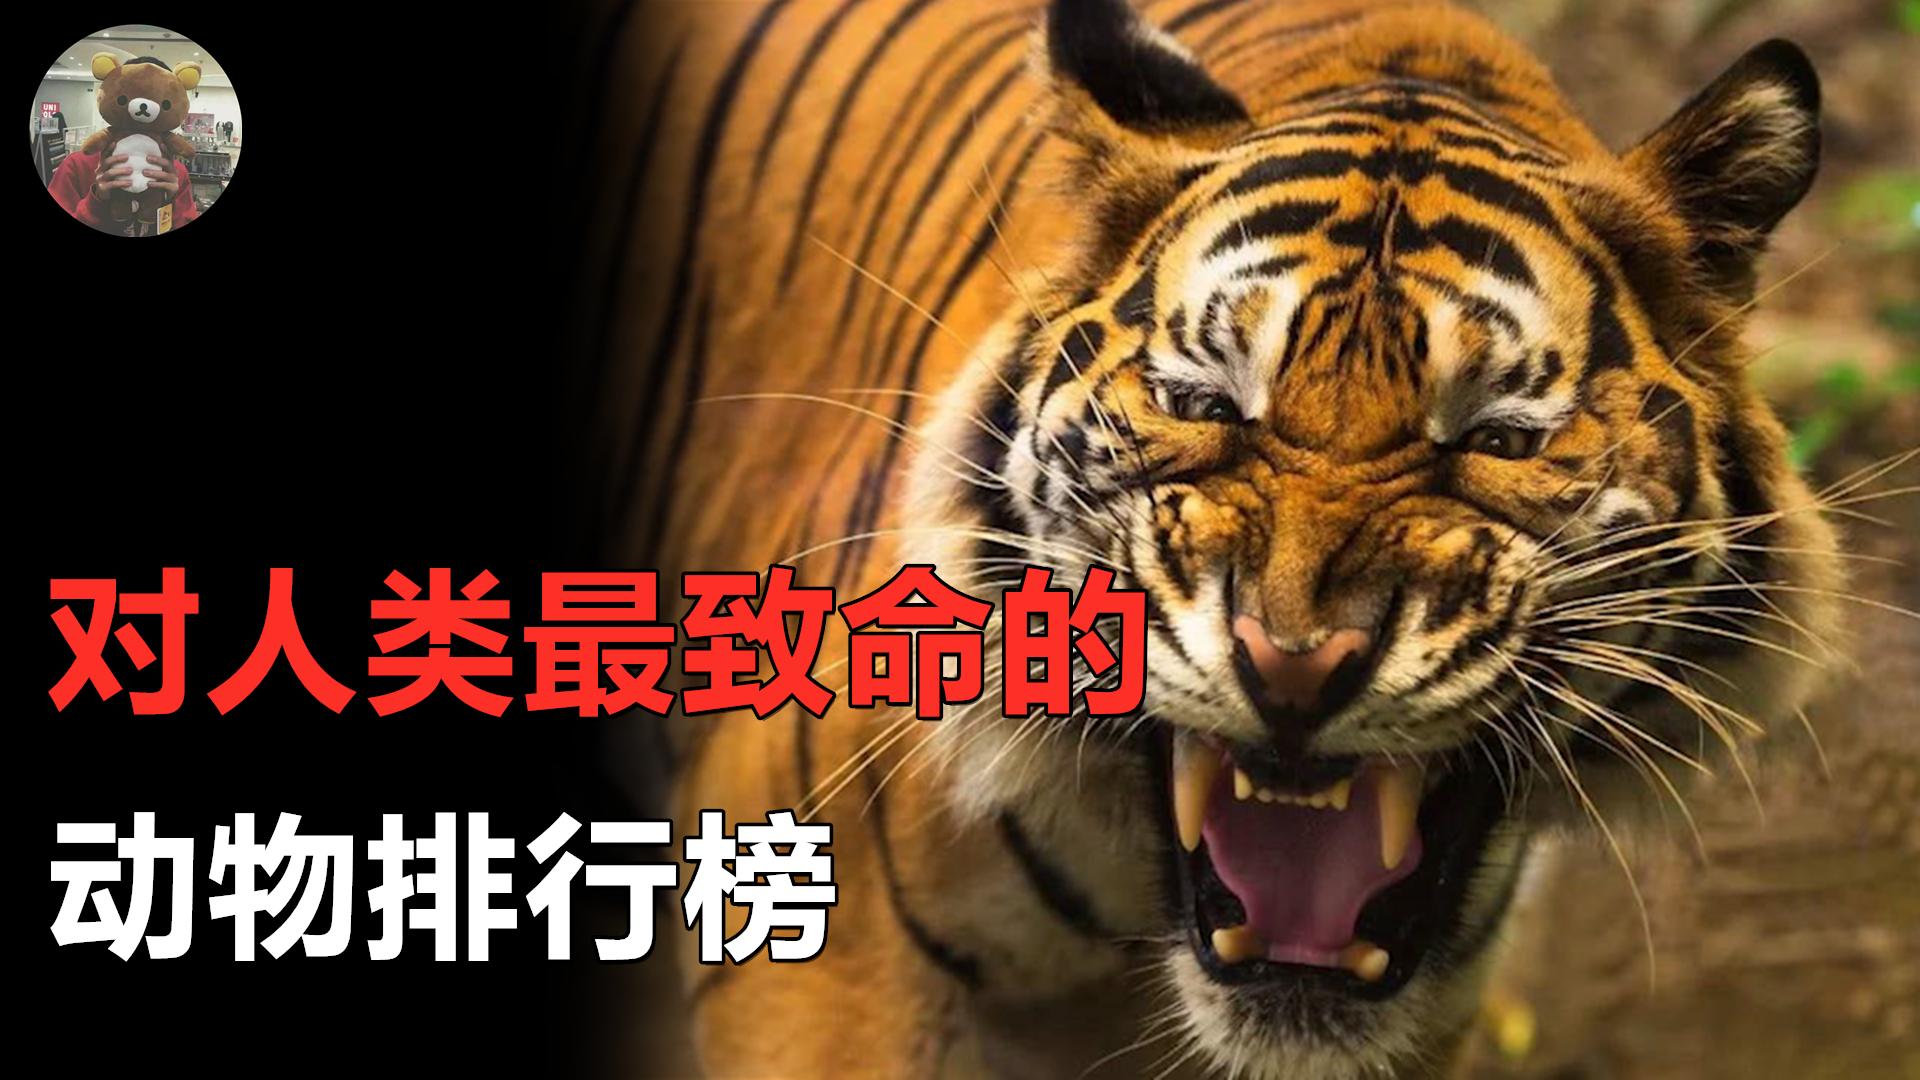 对人类最致命的动物是什么?老虎?狮子?大白鲨?你可能通通猜错